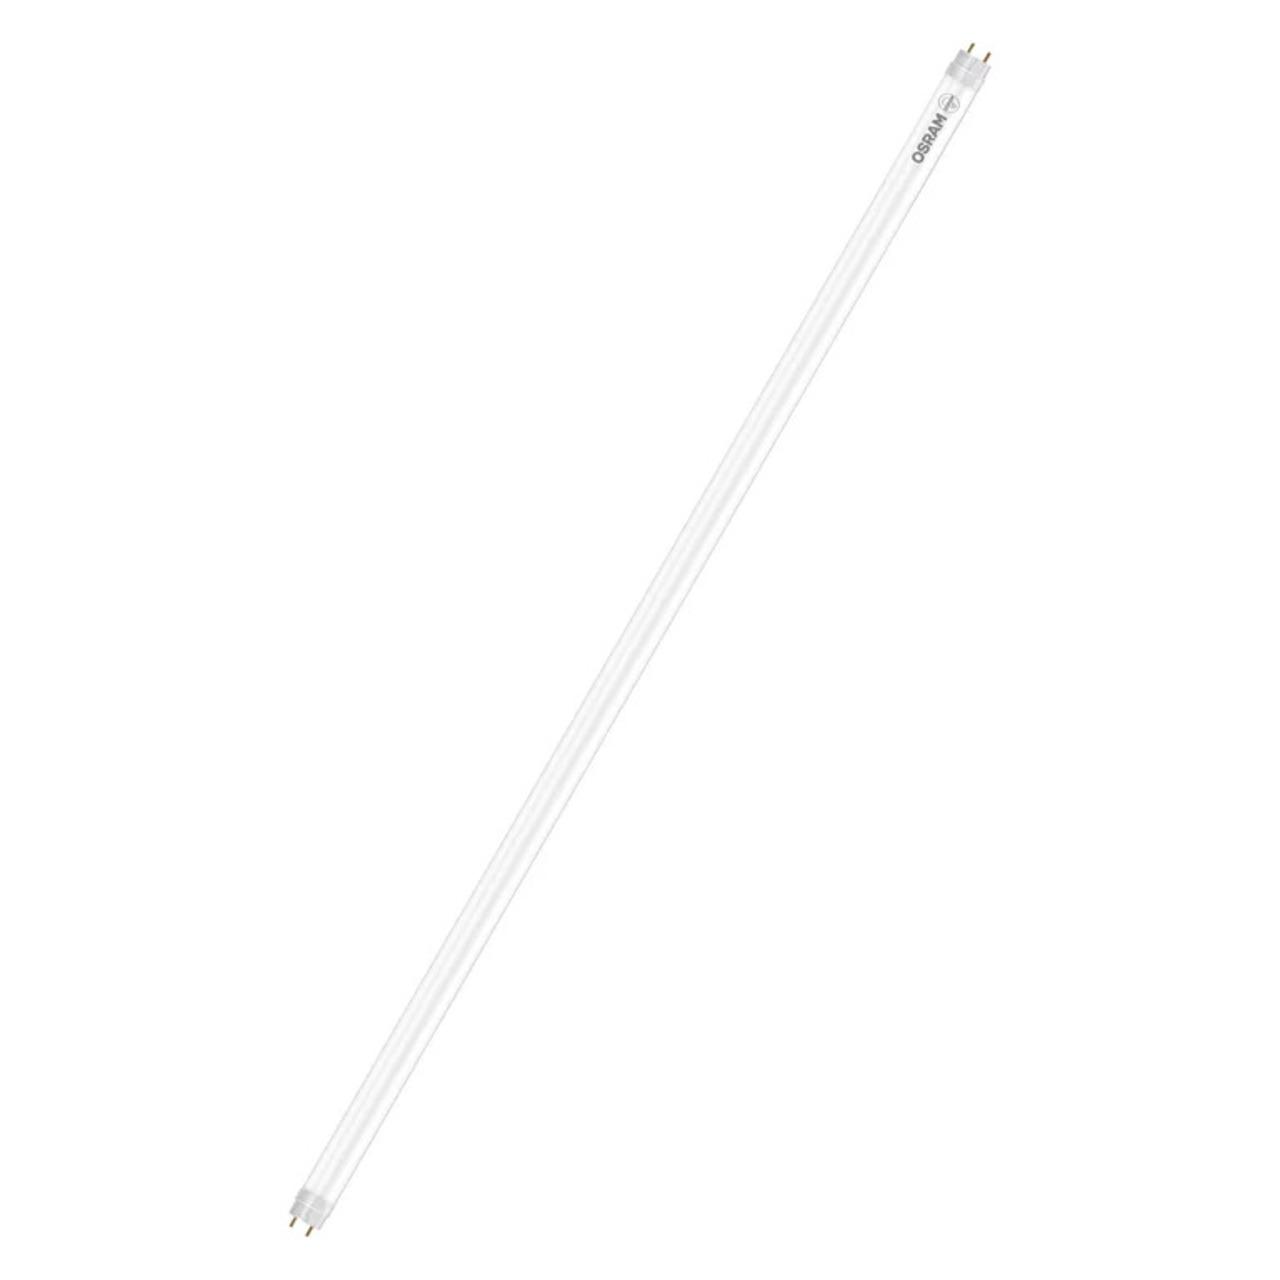 OSRAM SubstiTUBE Star 16-2-W-T8-LED-Röhrenlampe 120 cm- warmweiss